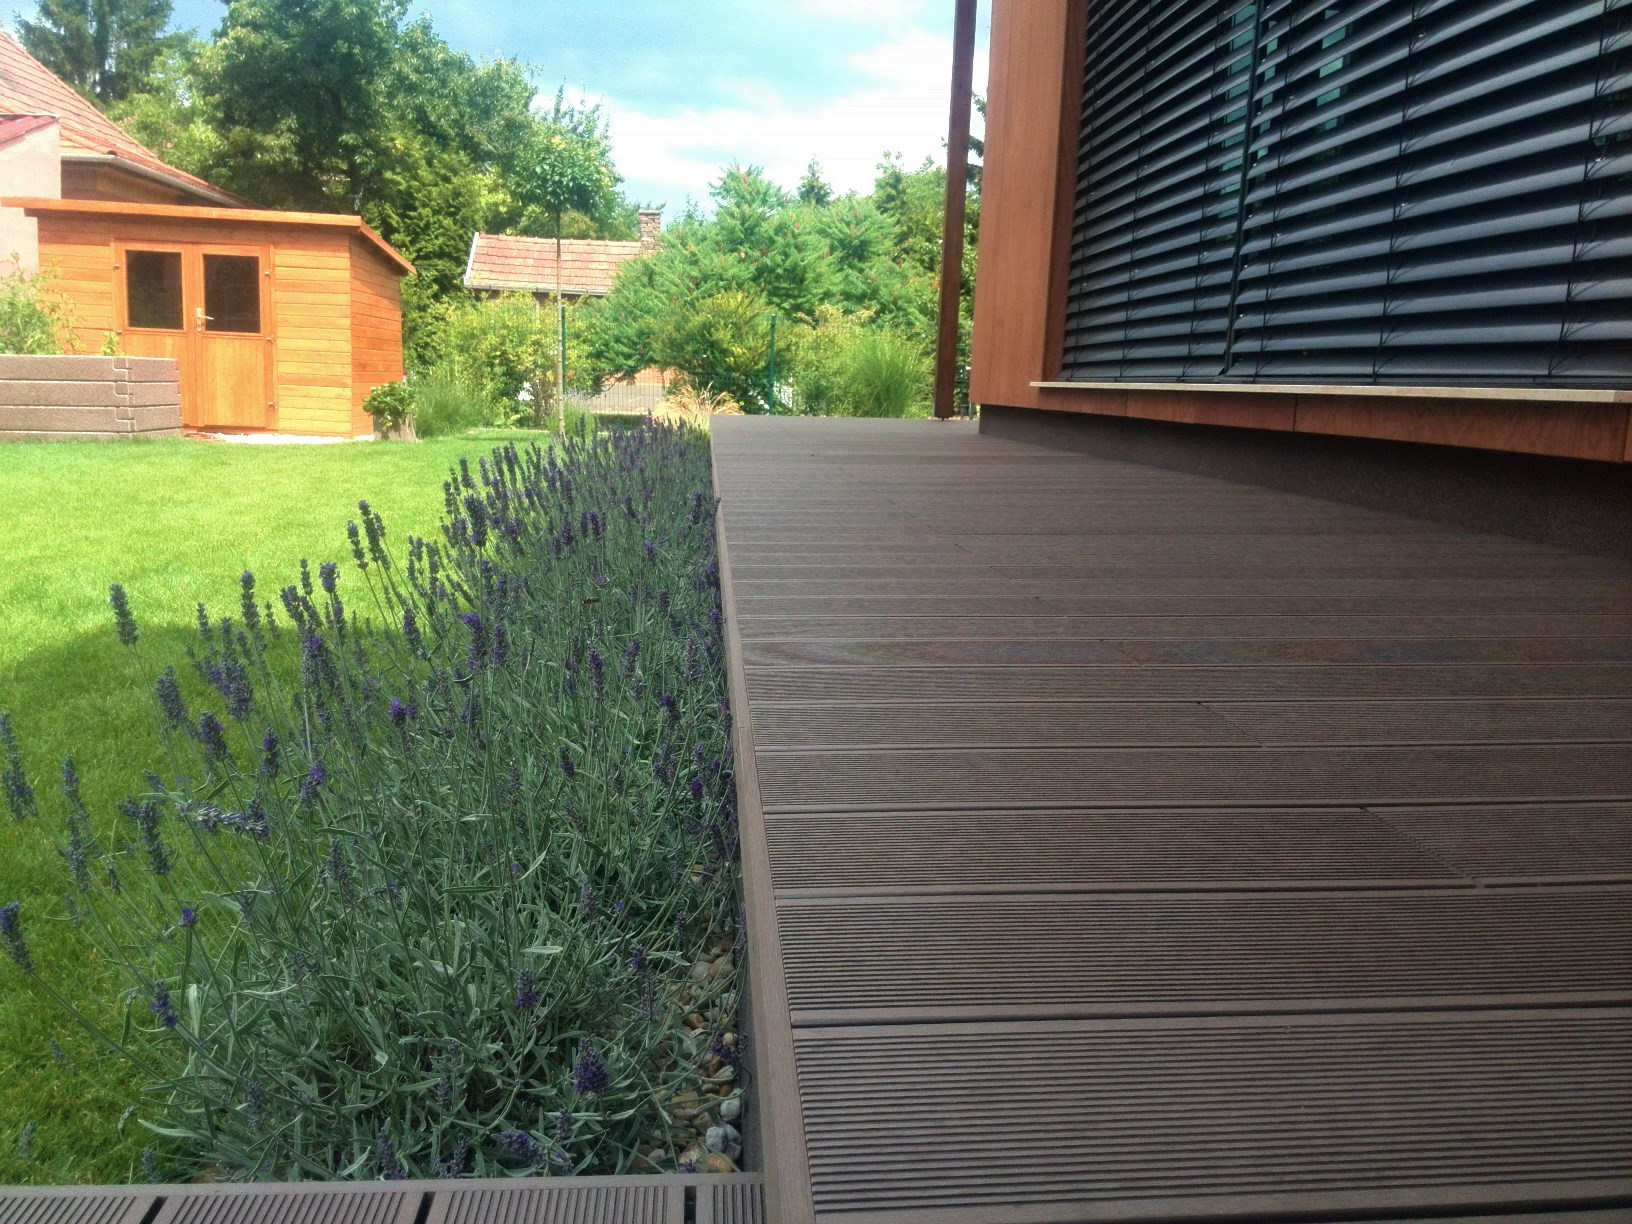 Otthonos teraszburkolat megoldás - TrendDeck WPC burkolat